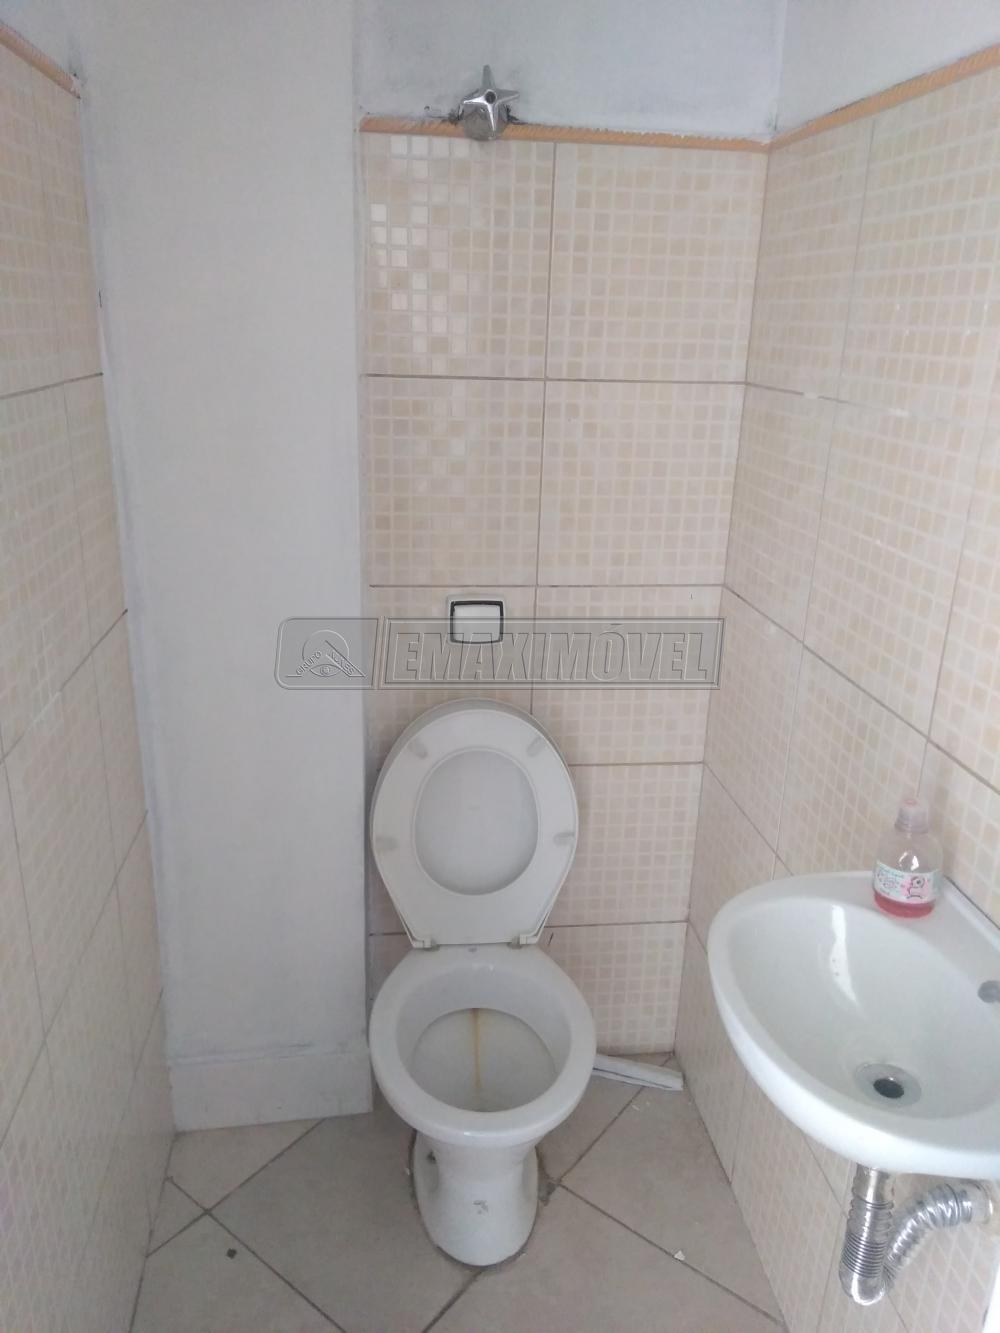 Alugar Comercial / Prédios em Sorocaba R$ 180,00 - Foto 5